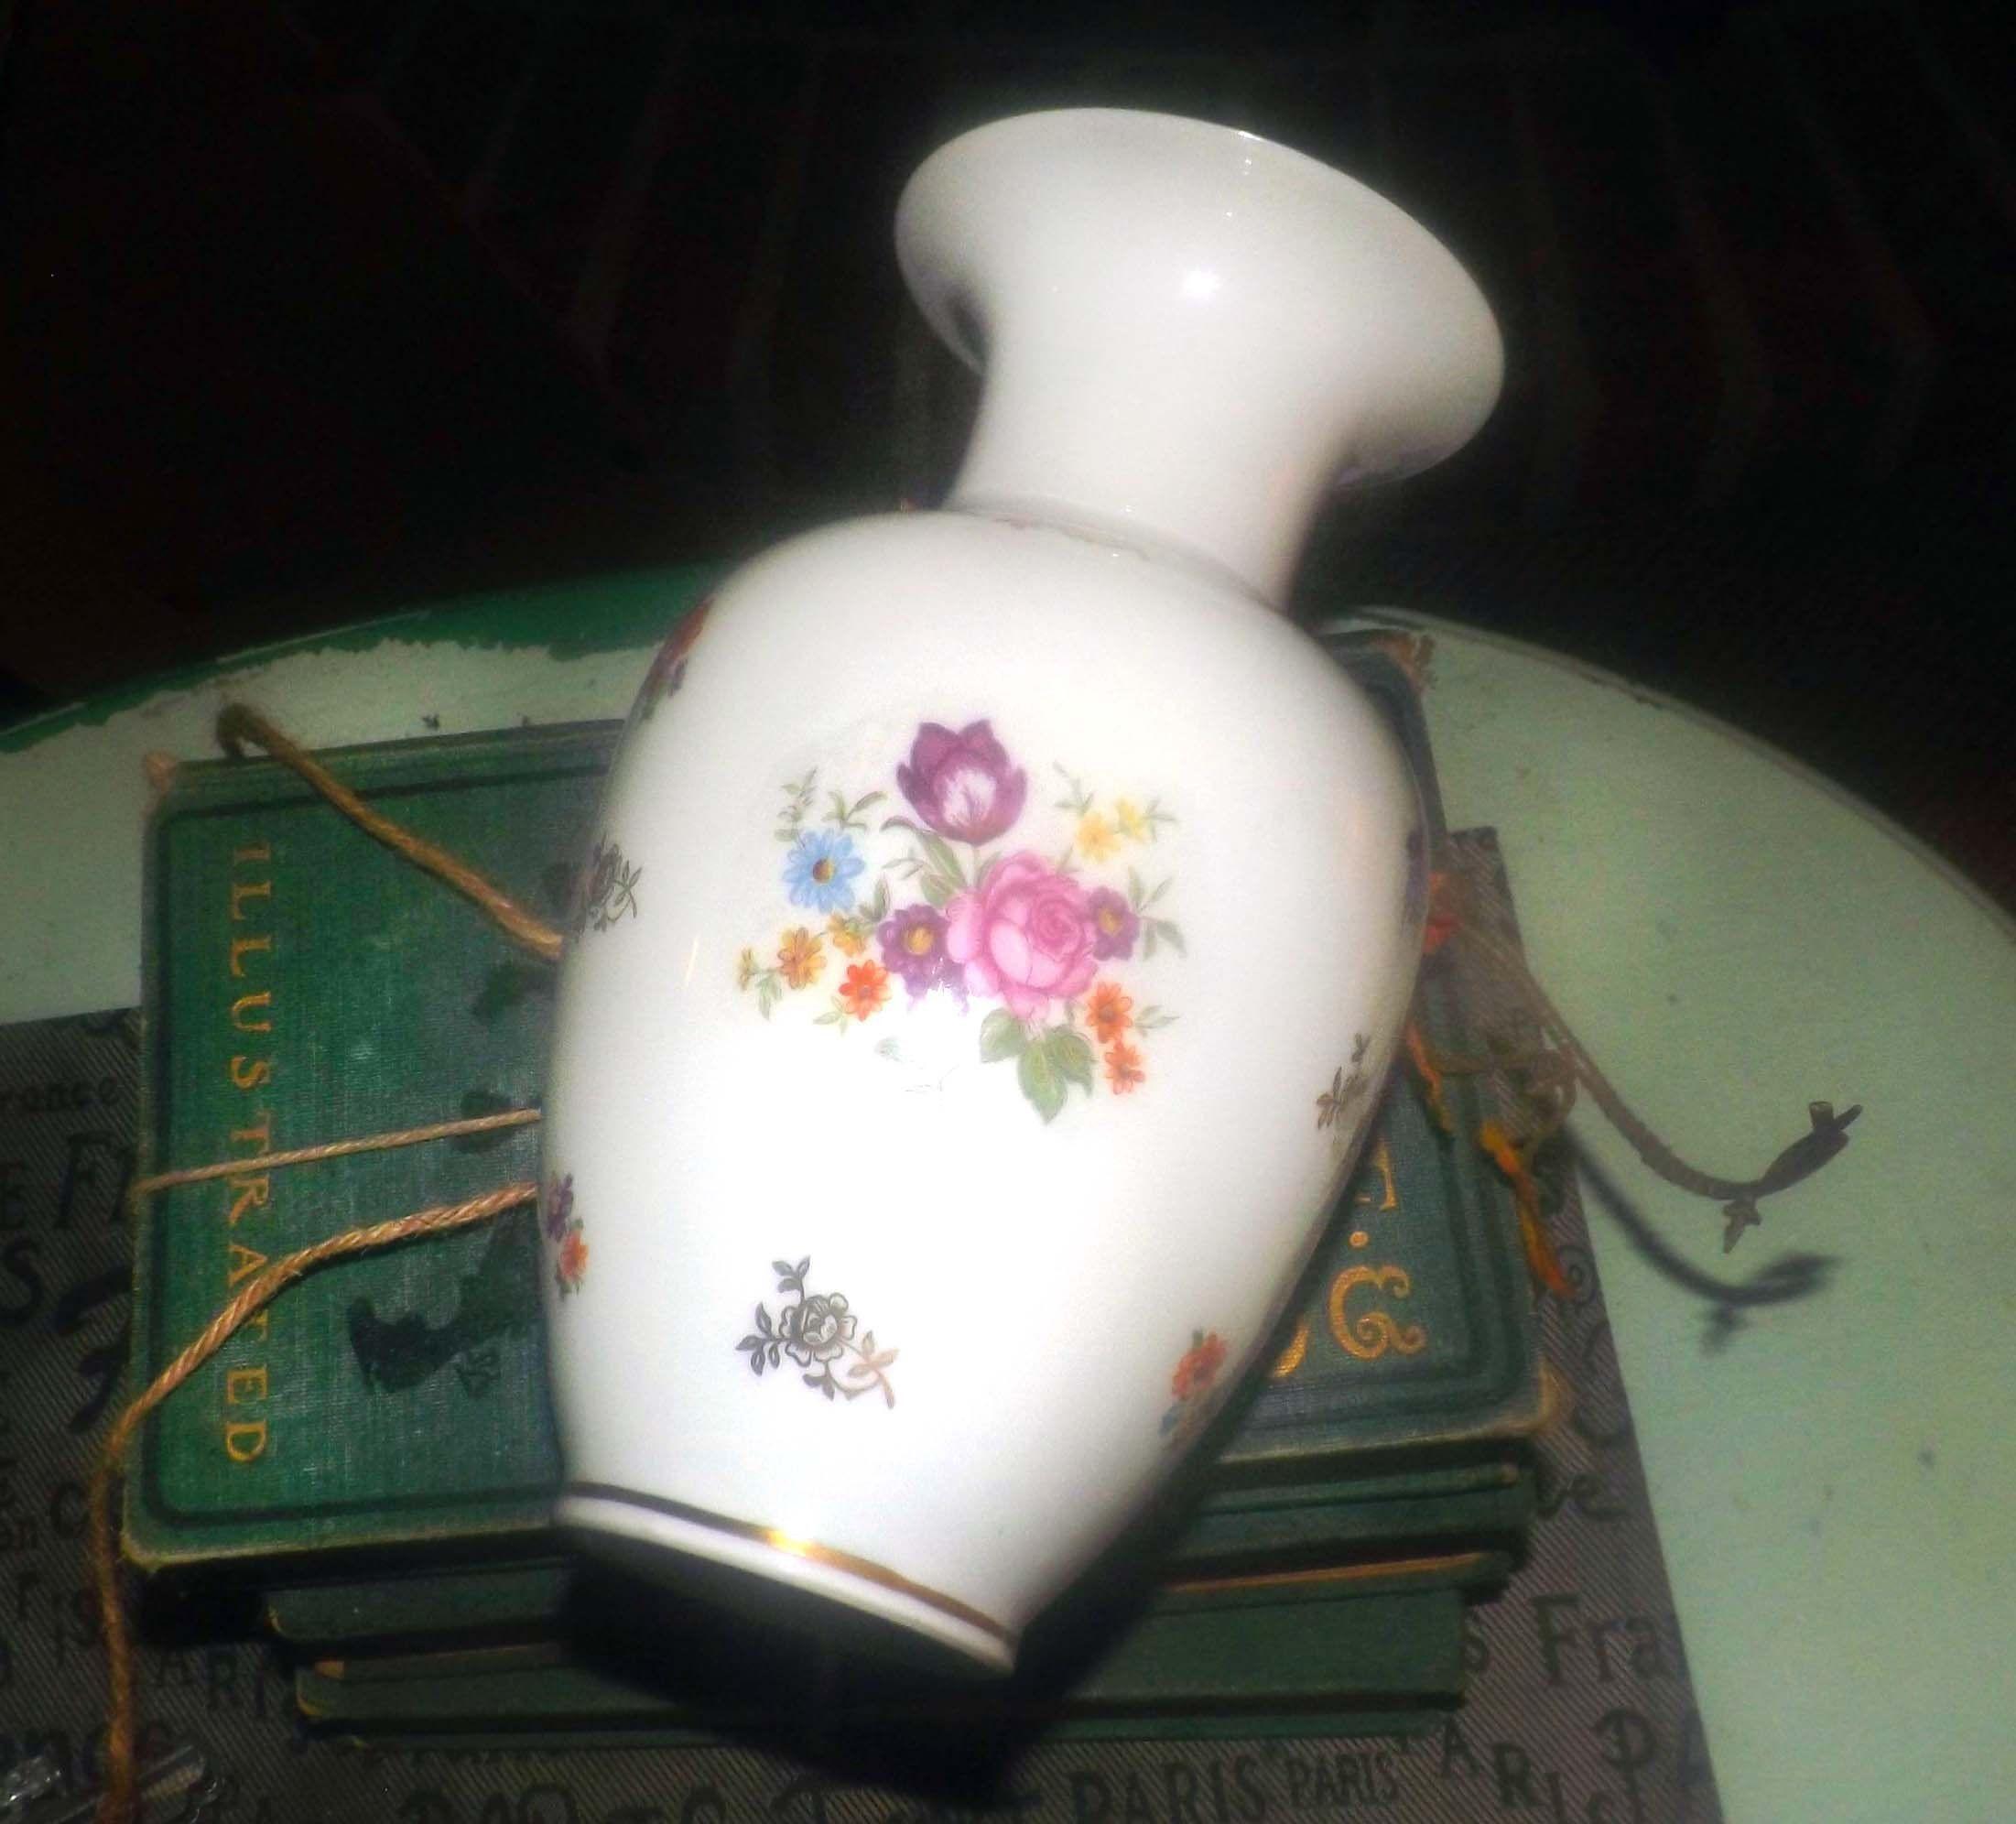 Midcentury (1950s) Reichenbach handpainted vase